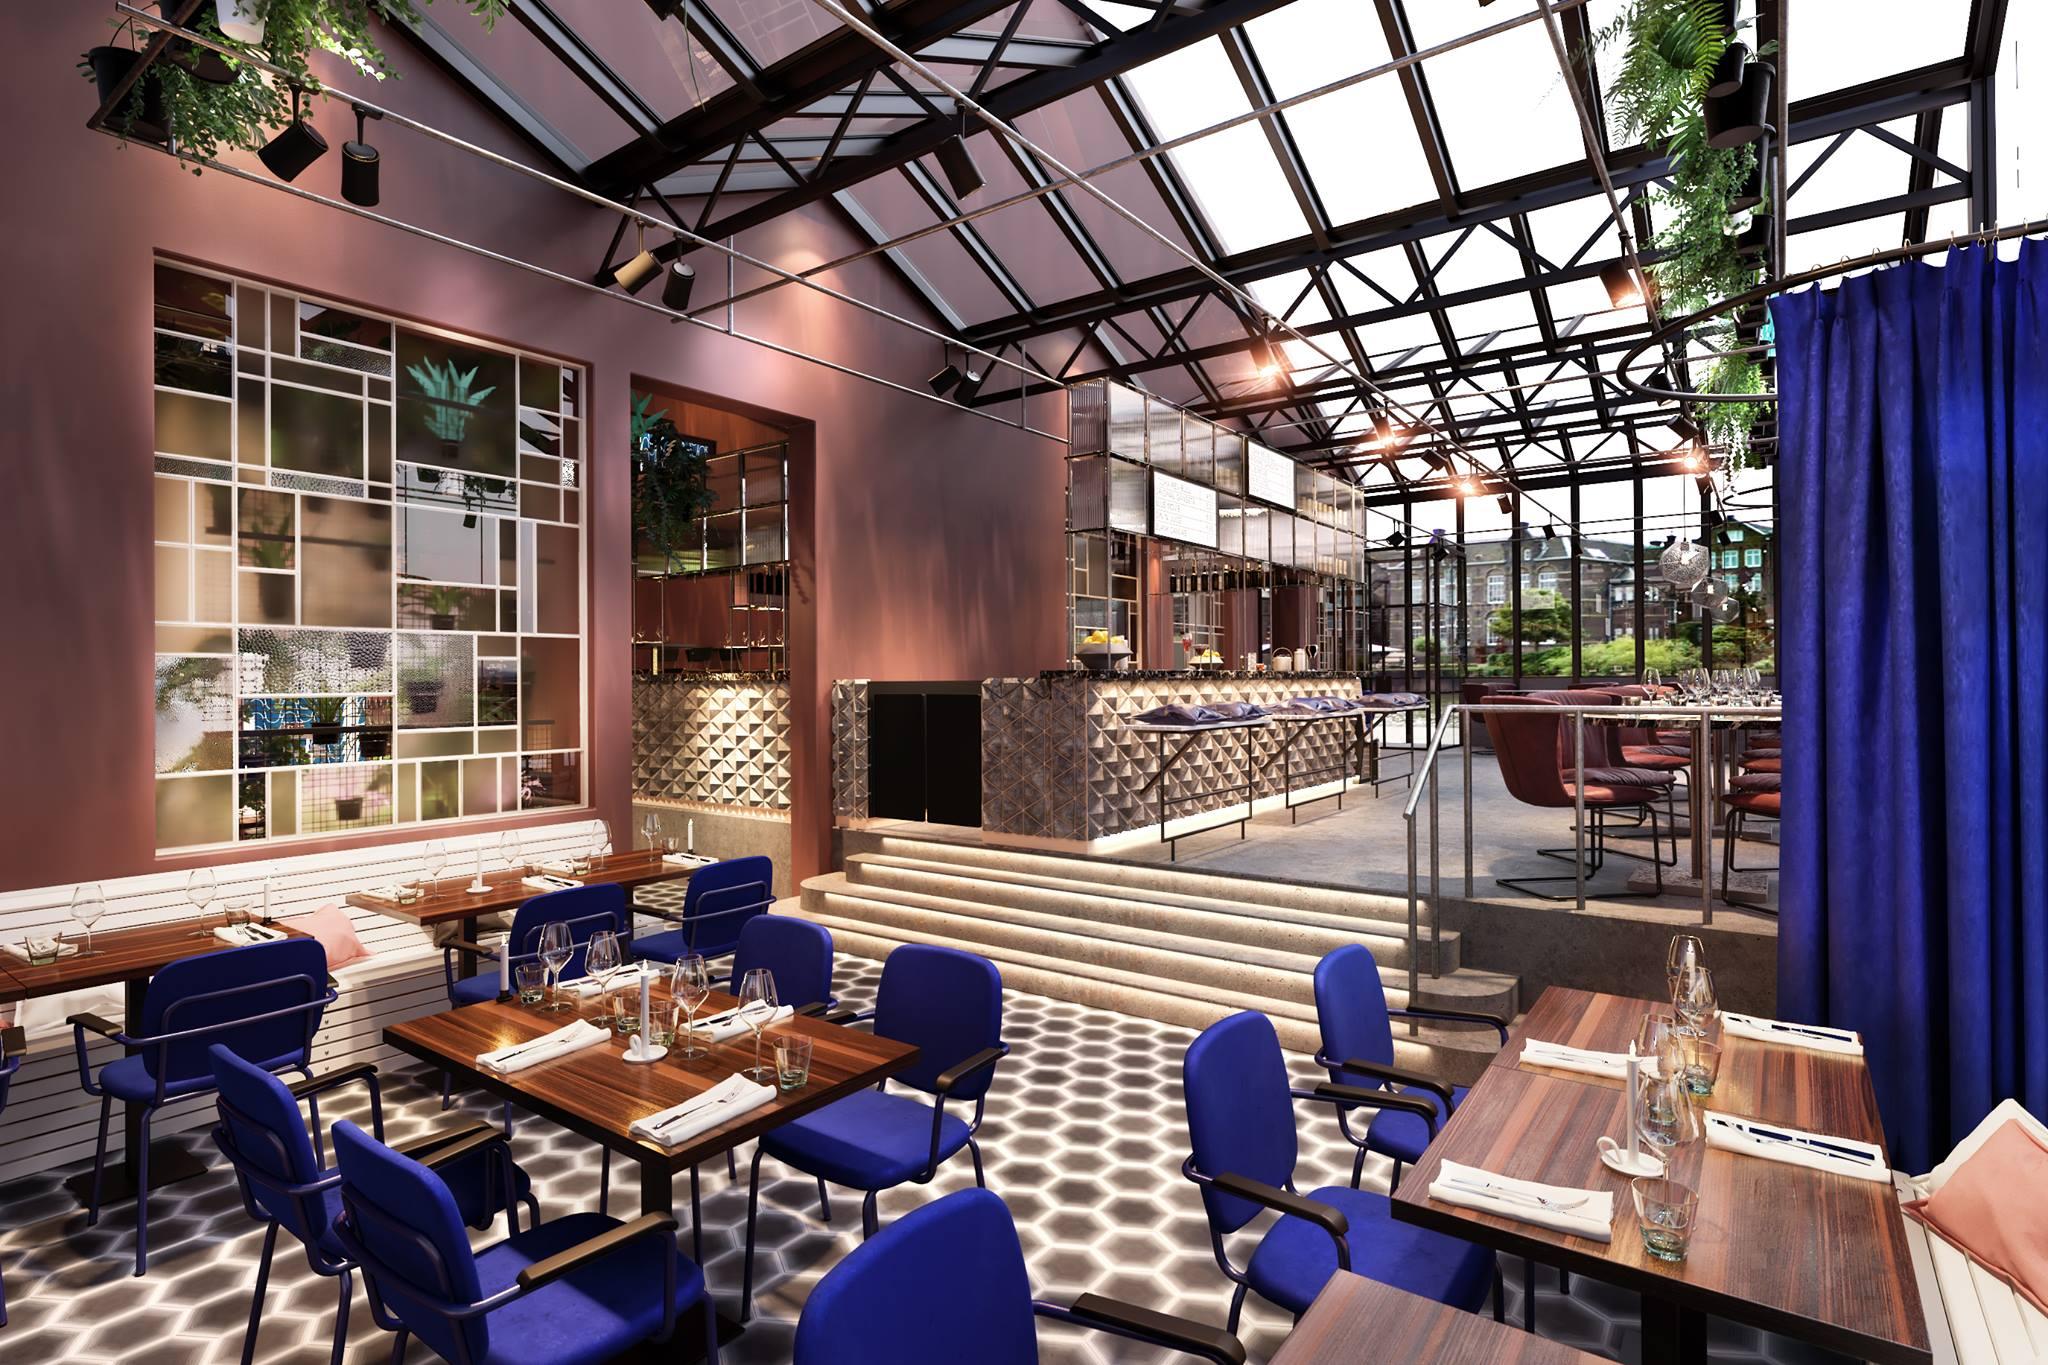 De kop van oost nieuwe stunning bar en restaurant in for Nieuwe restaurants amsterdam